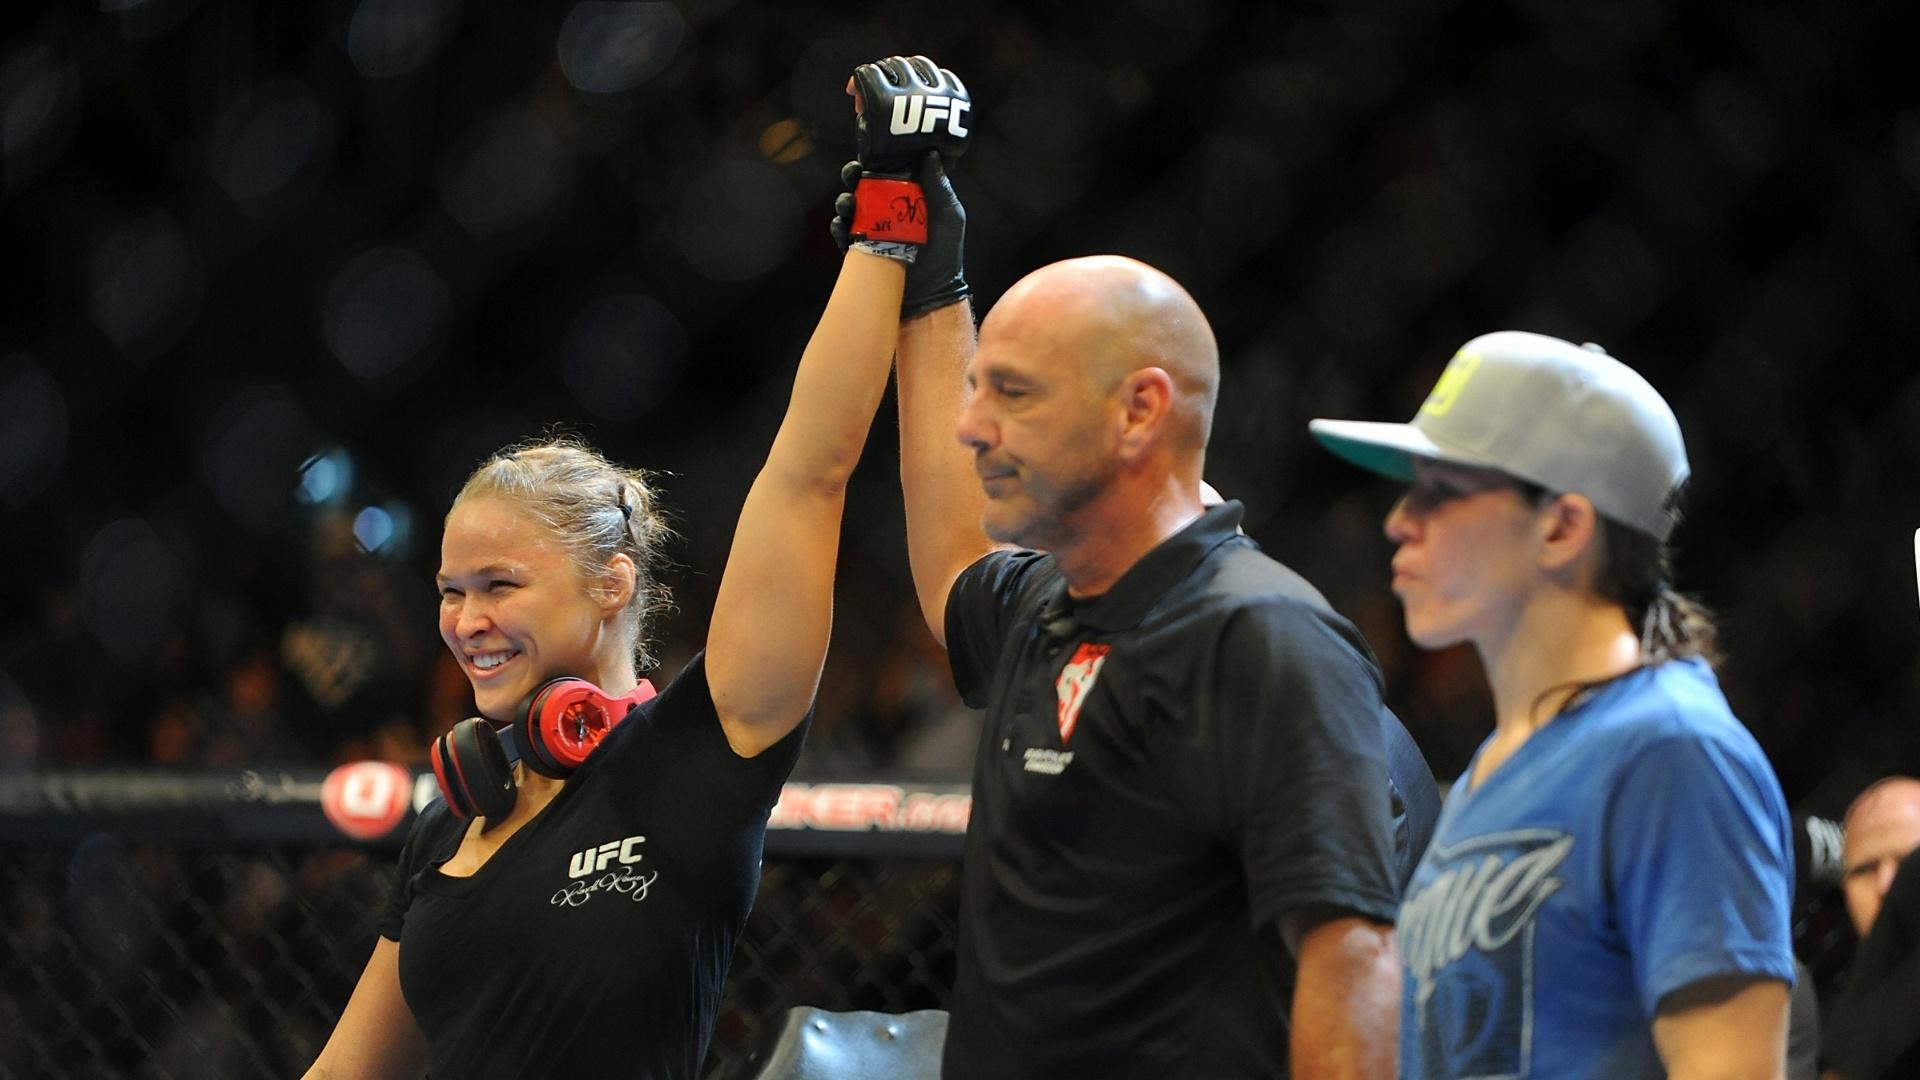 05.jul.2014 - Ronda Rousey vence a luta contra Alexis Davis, no UFC 175. A lutadora superou a rival em 16 segundos e conseguiu o nocaute